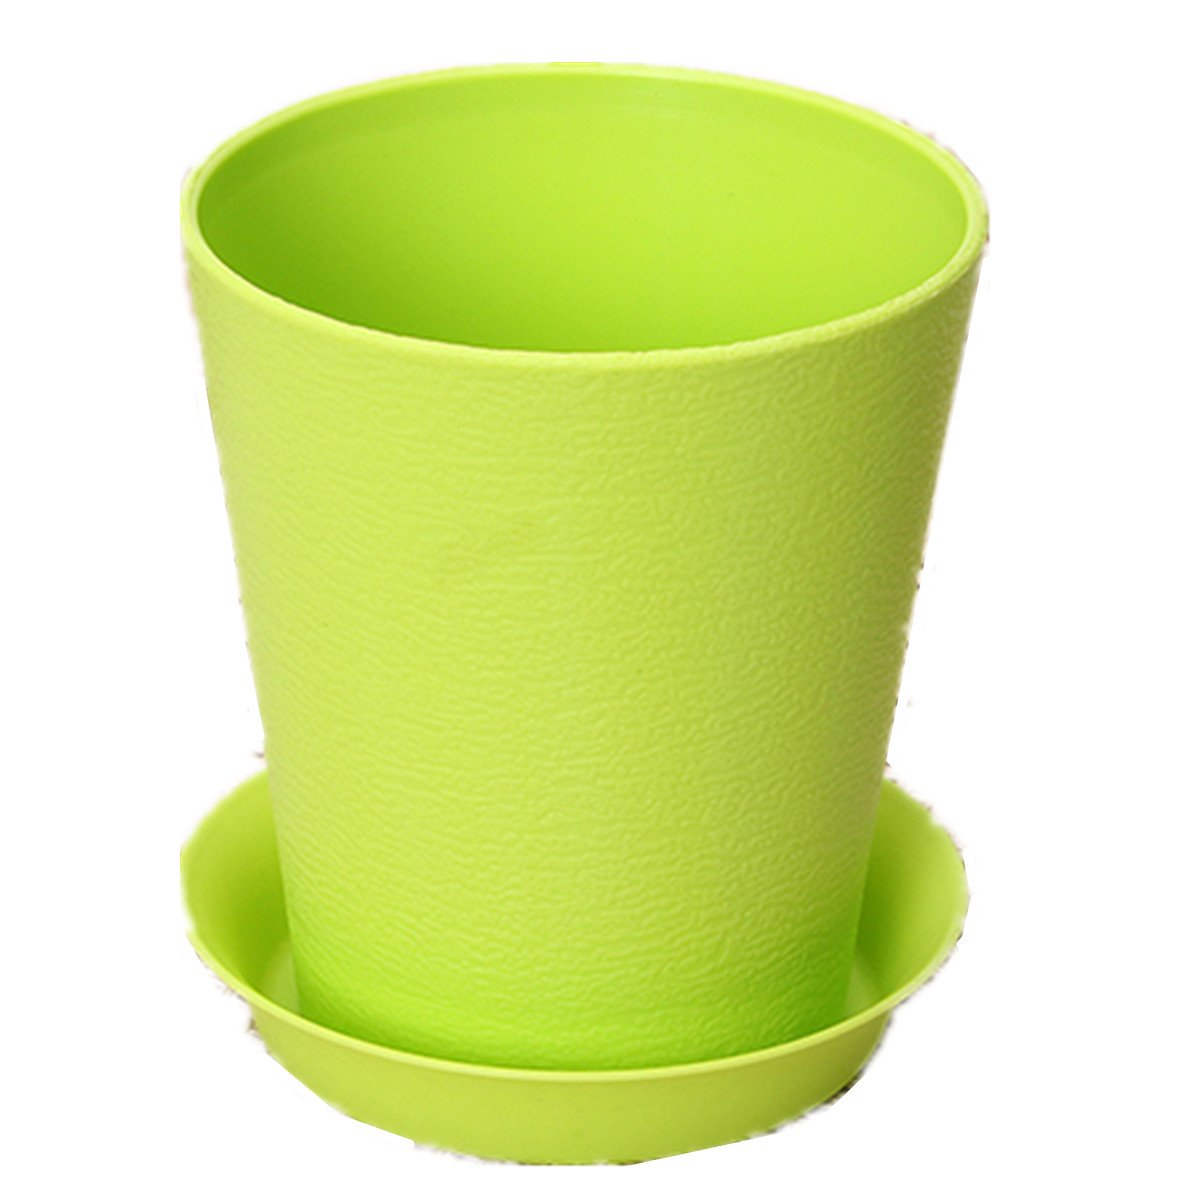 2x Cute Folded Vase Flower Pot Plastic For Home Office